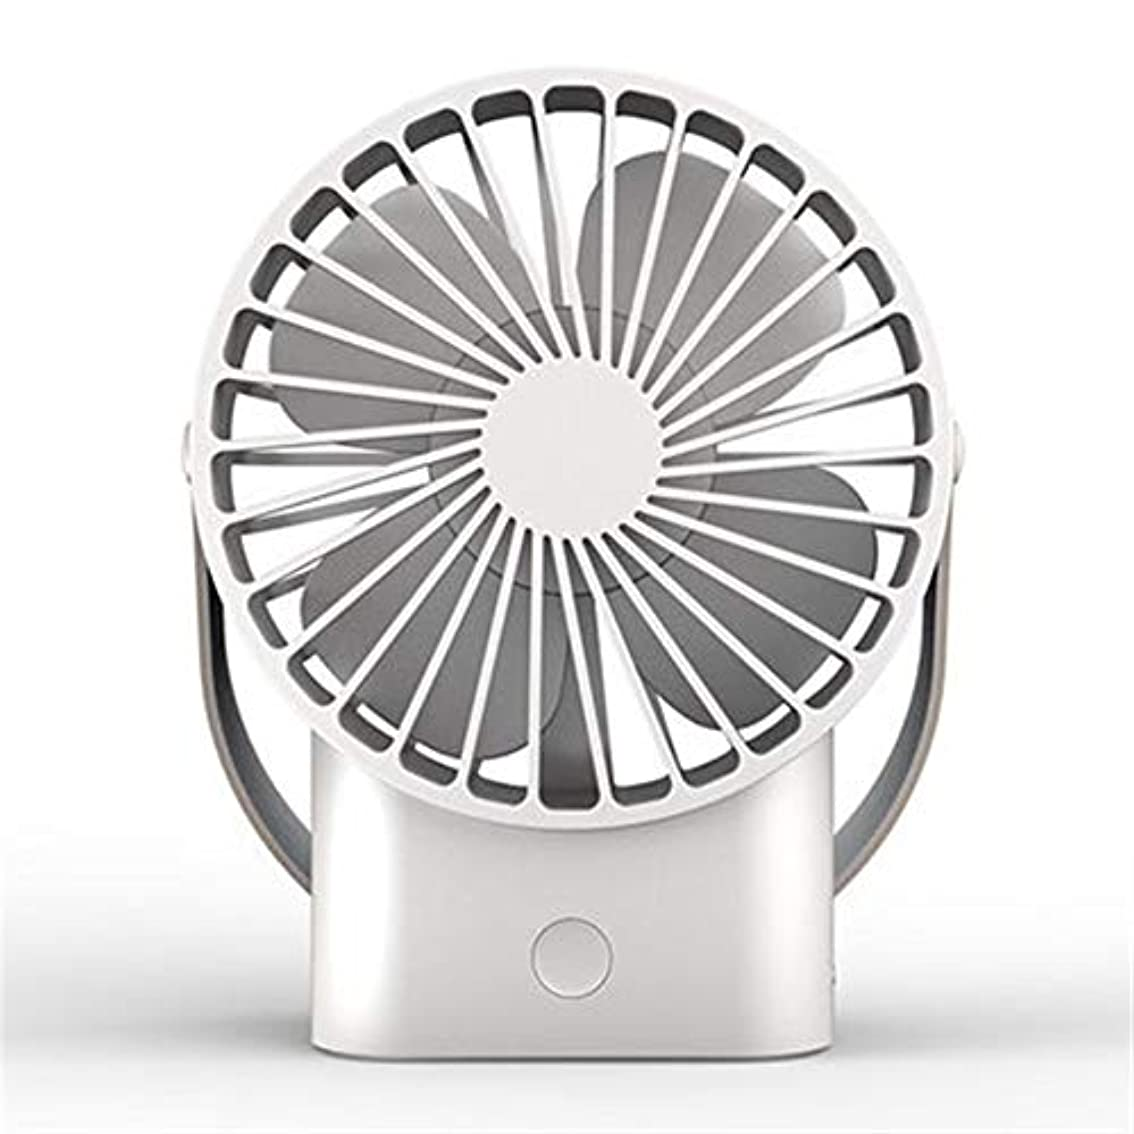 反乱言語学集中的な手持ち型の携帯用ハンドルファンUsbの冷却のテーブルの扇風機の屋外の個人的な卓上ファン 携帯扇風機